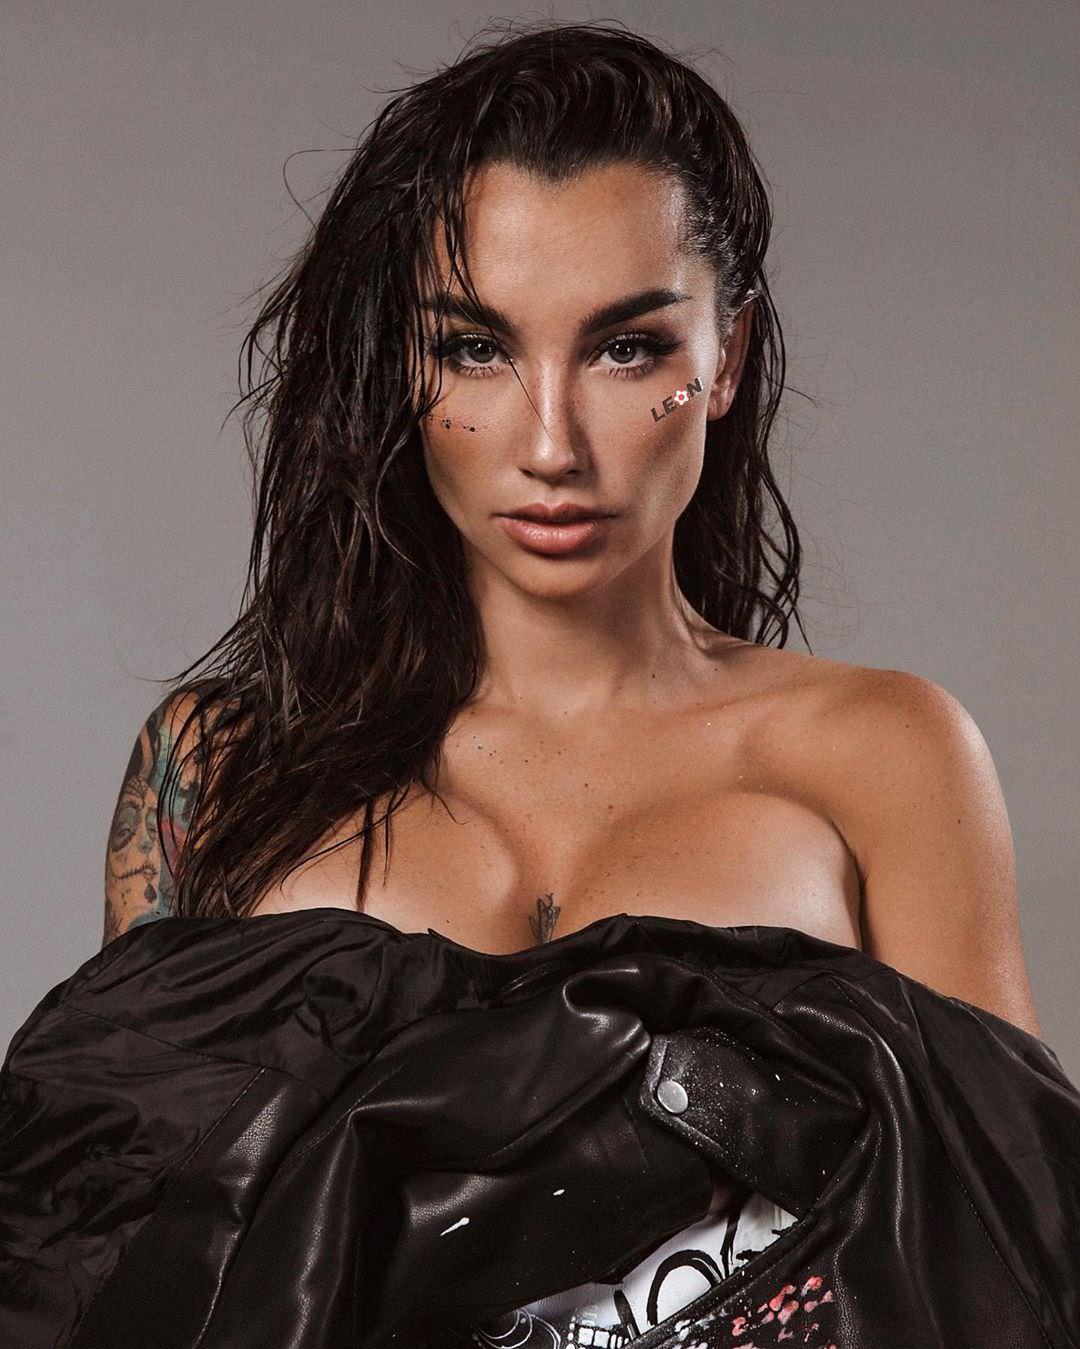 Анжелика Андерсон фото с мокрыми волосами